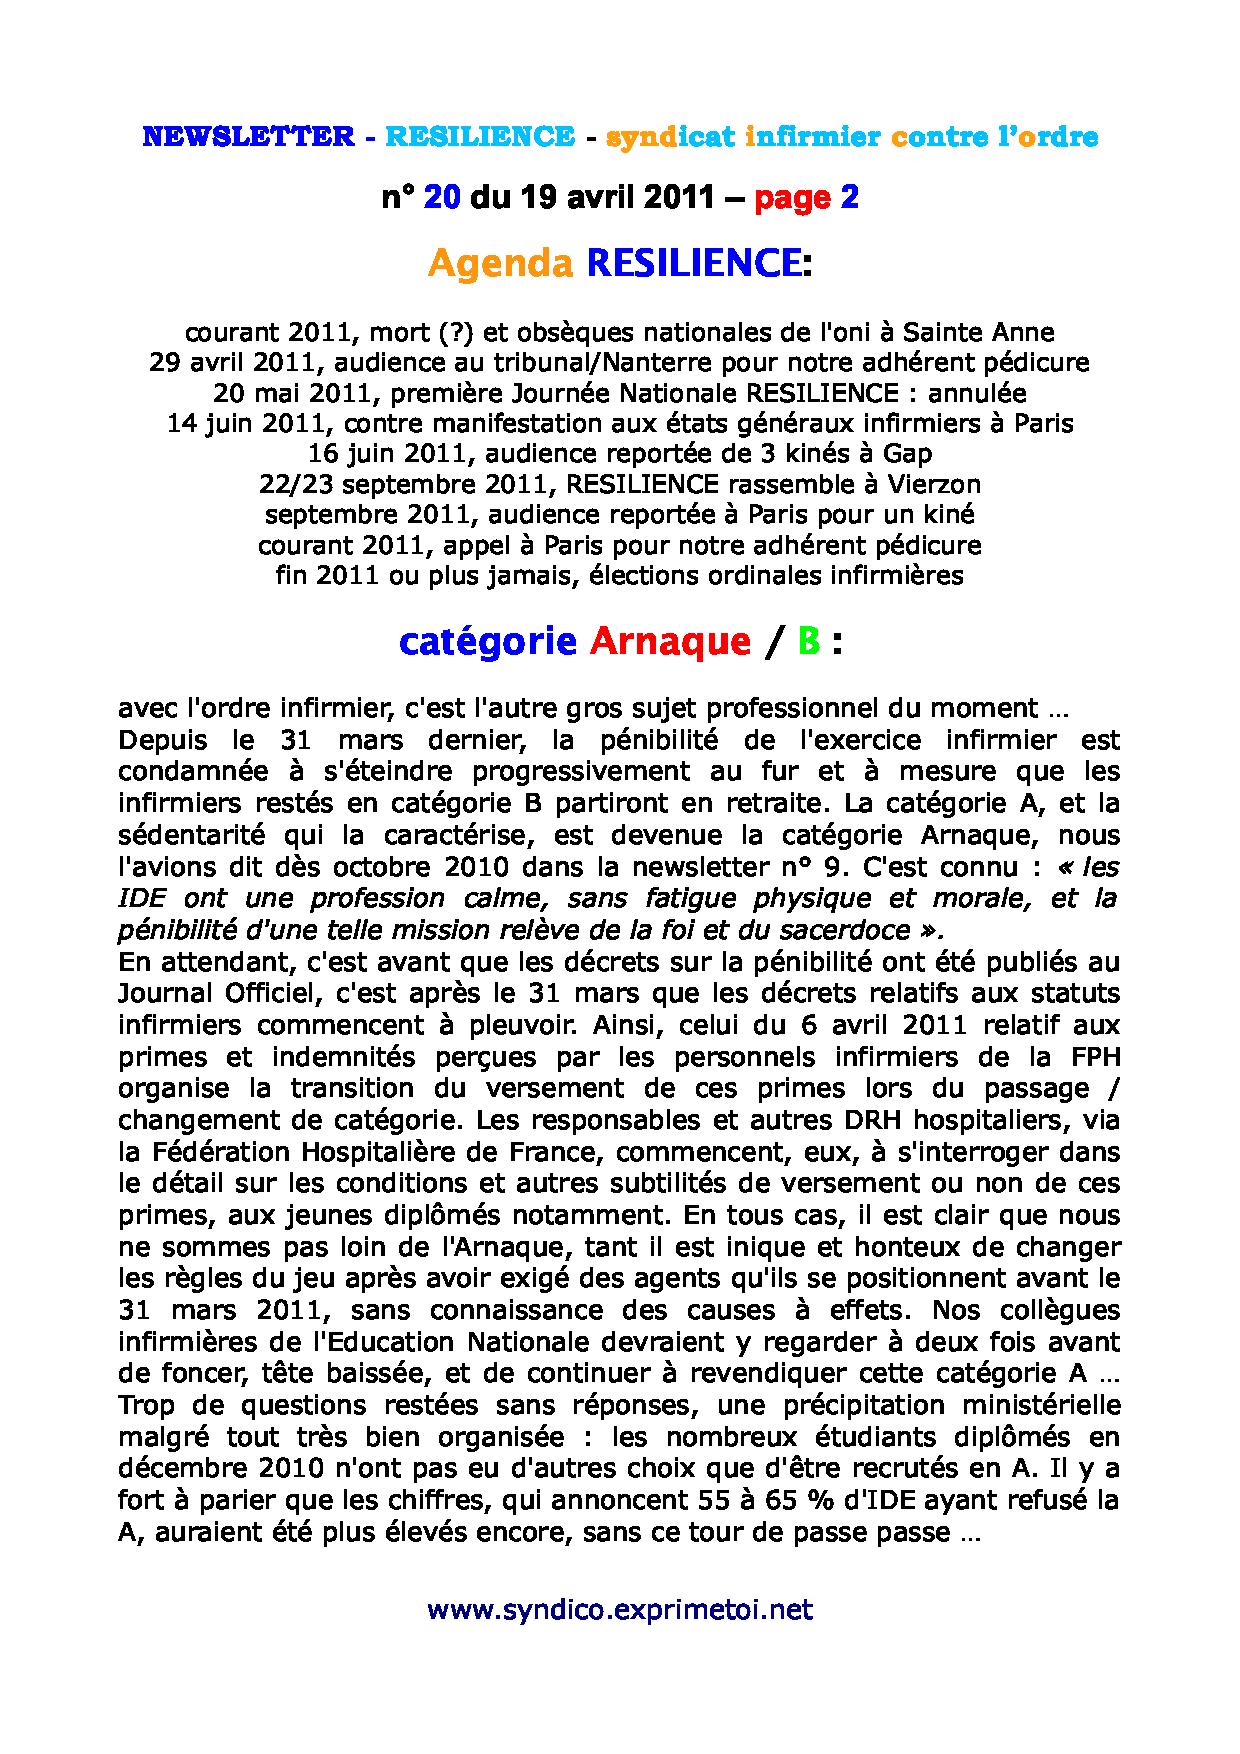 newsletter n° 20 du 19 avril 2011 1104280158041139708069286